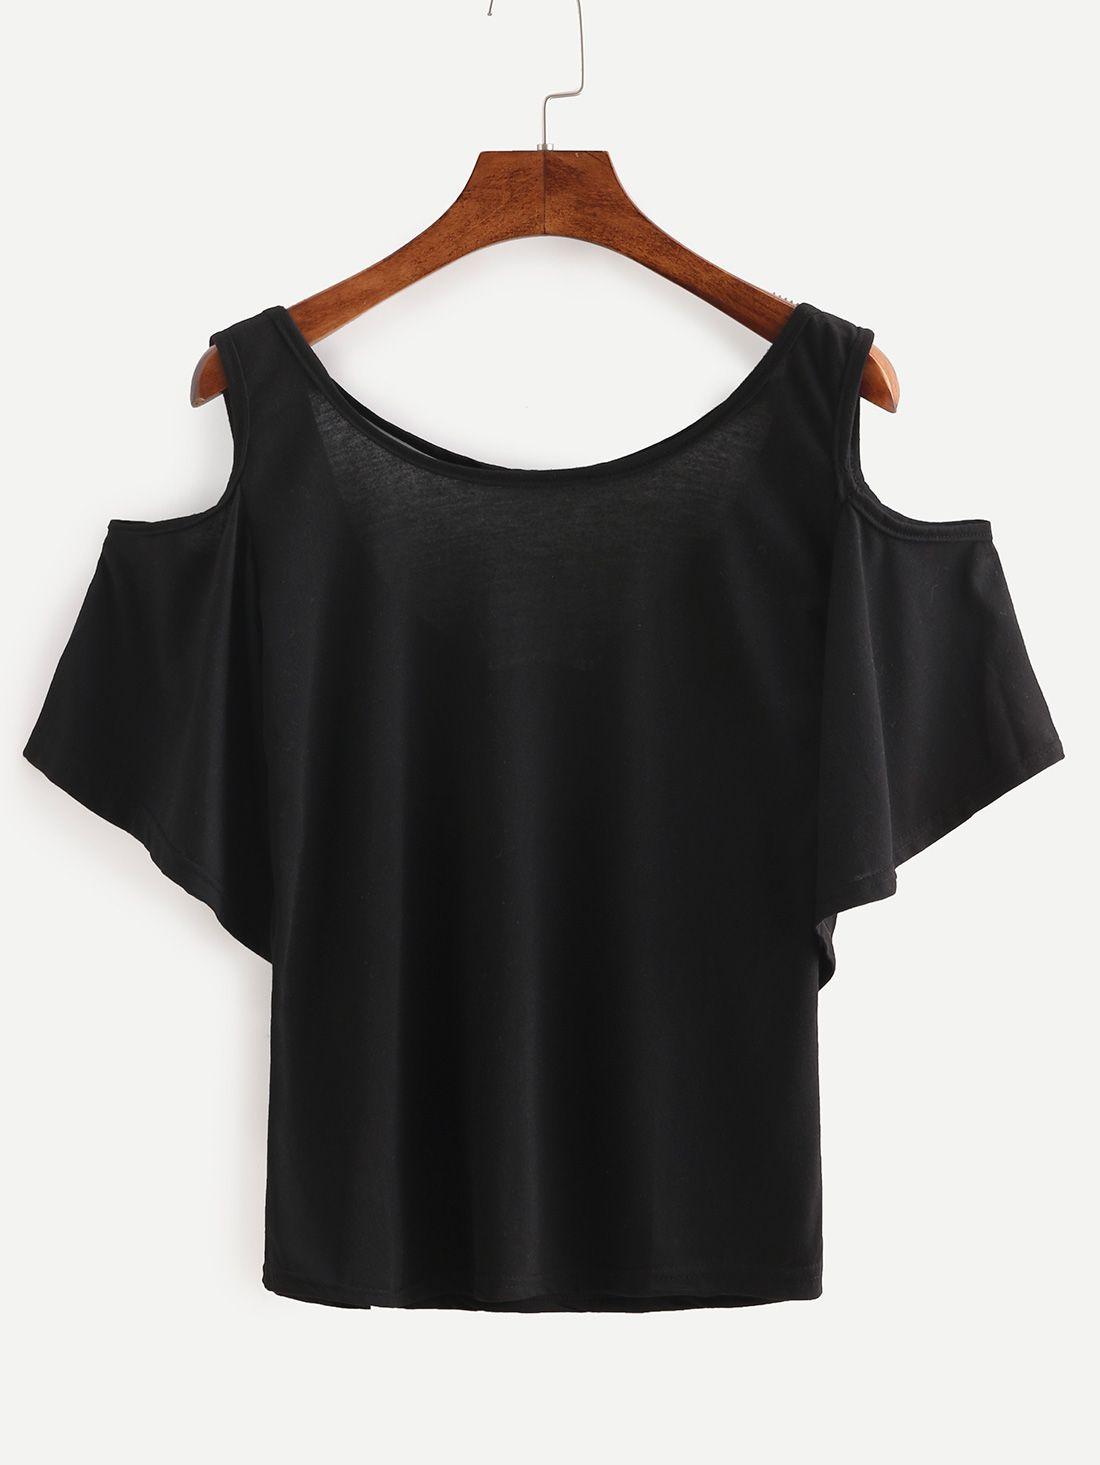 01d2d539460d6 Shop Open Shoulder Cutout Back Top - Black online. SheIn offers Open  Shoulder Cutout Back Top - Black   more to fit your fashionable needs.